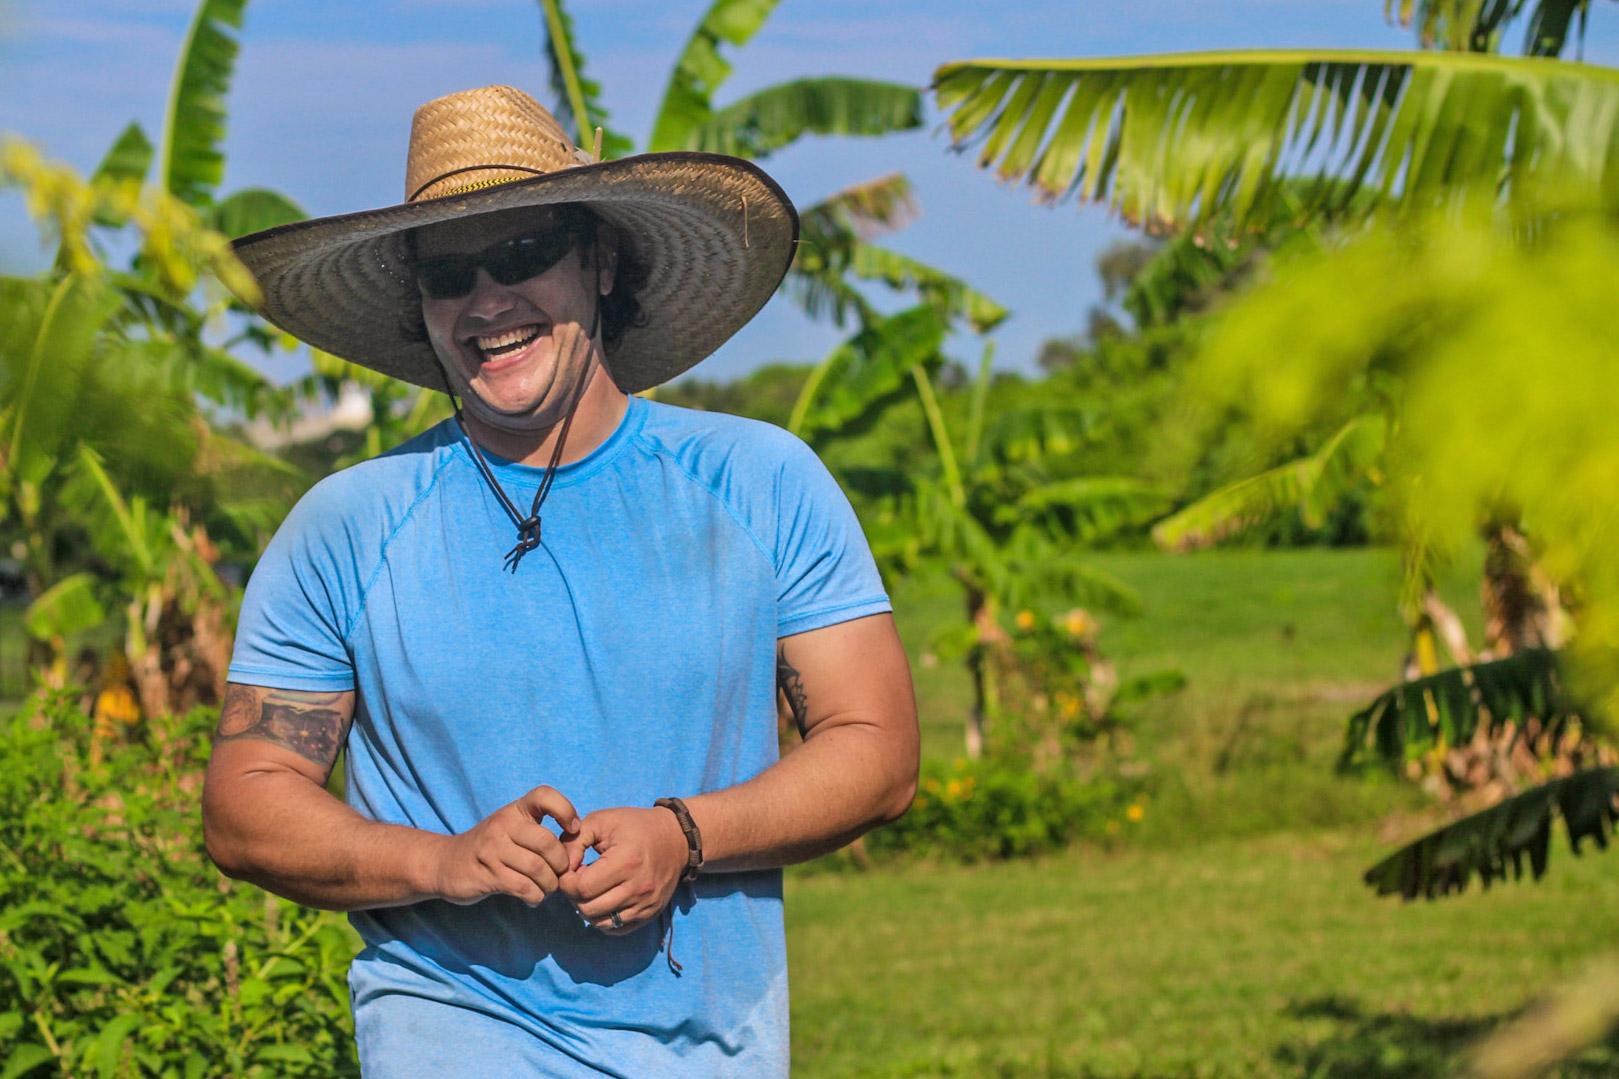 Jonathan Prieto in the Eckerd College community farm